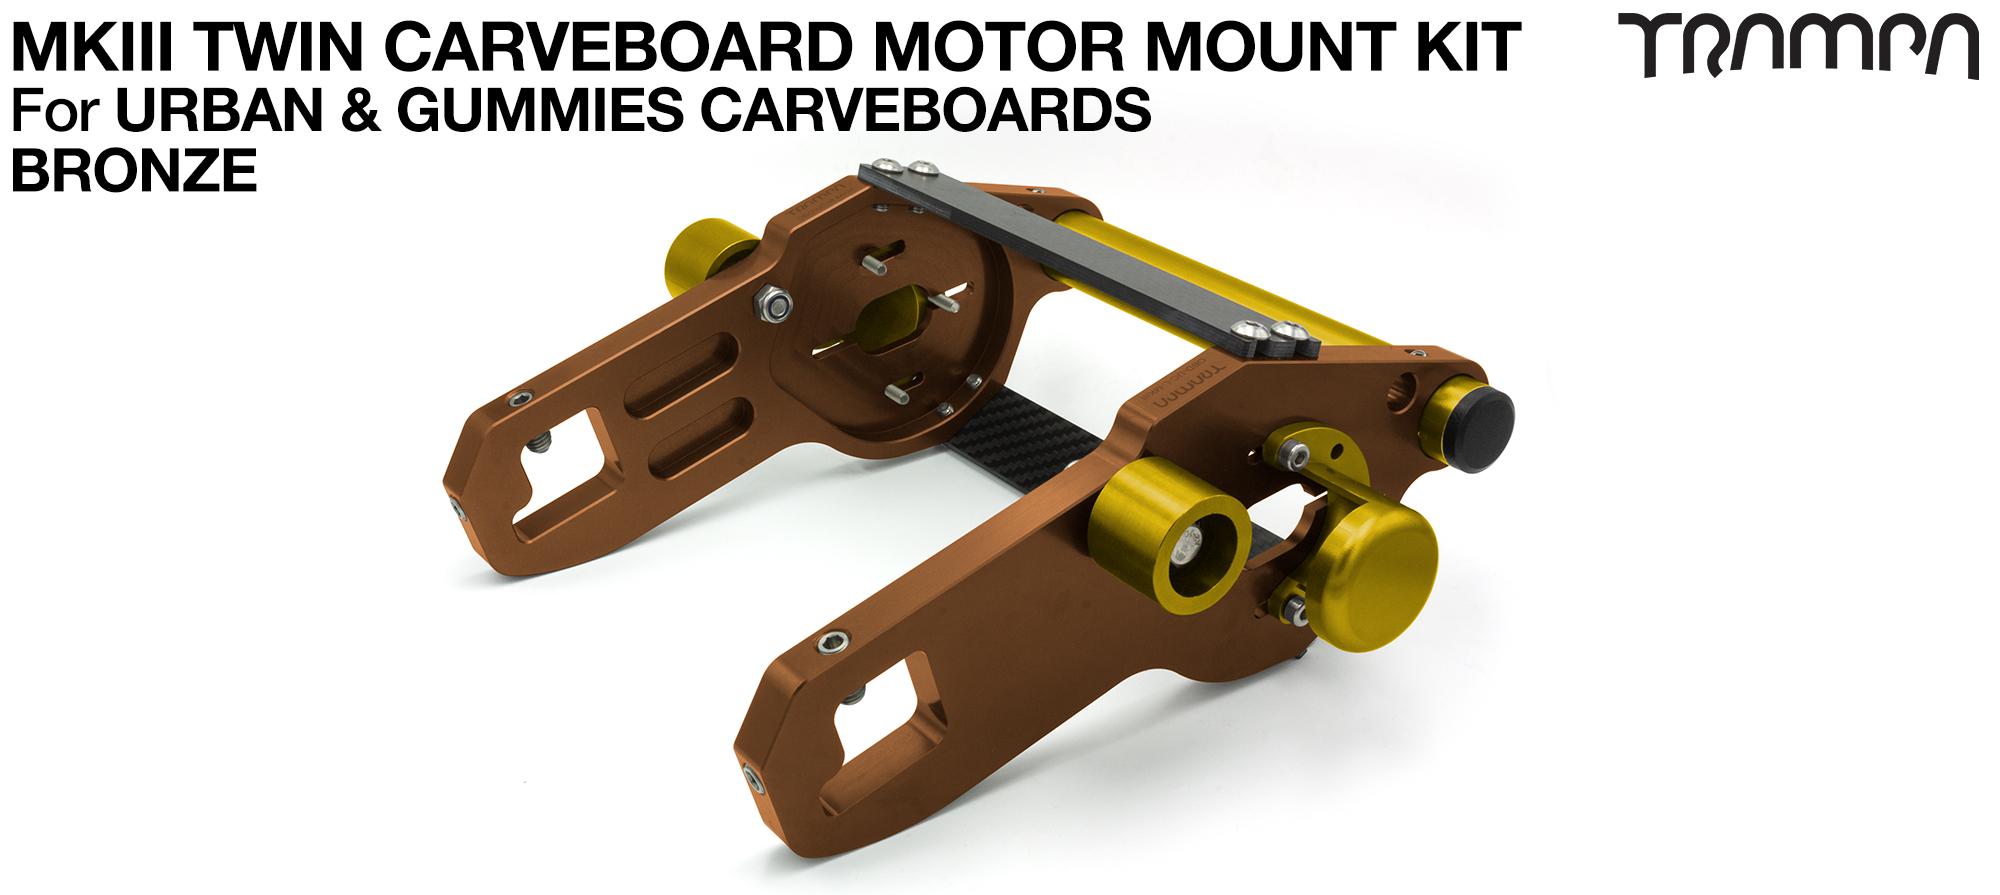 MkIII CARVE BOARD Motor Mount Kit - TWIN BRONZE